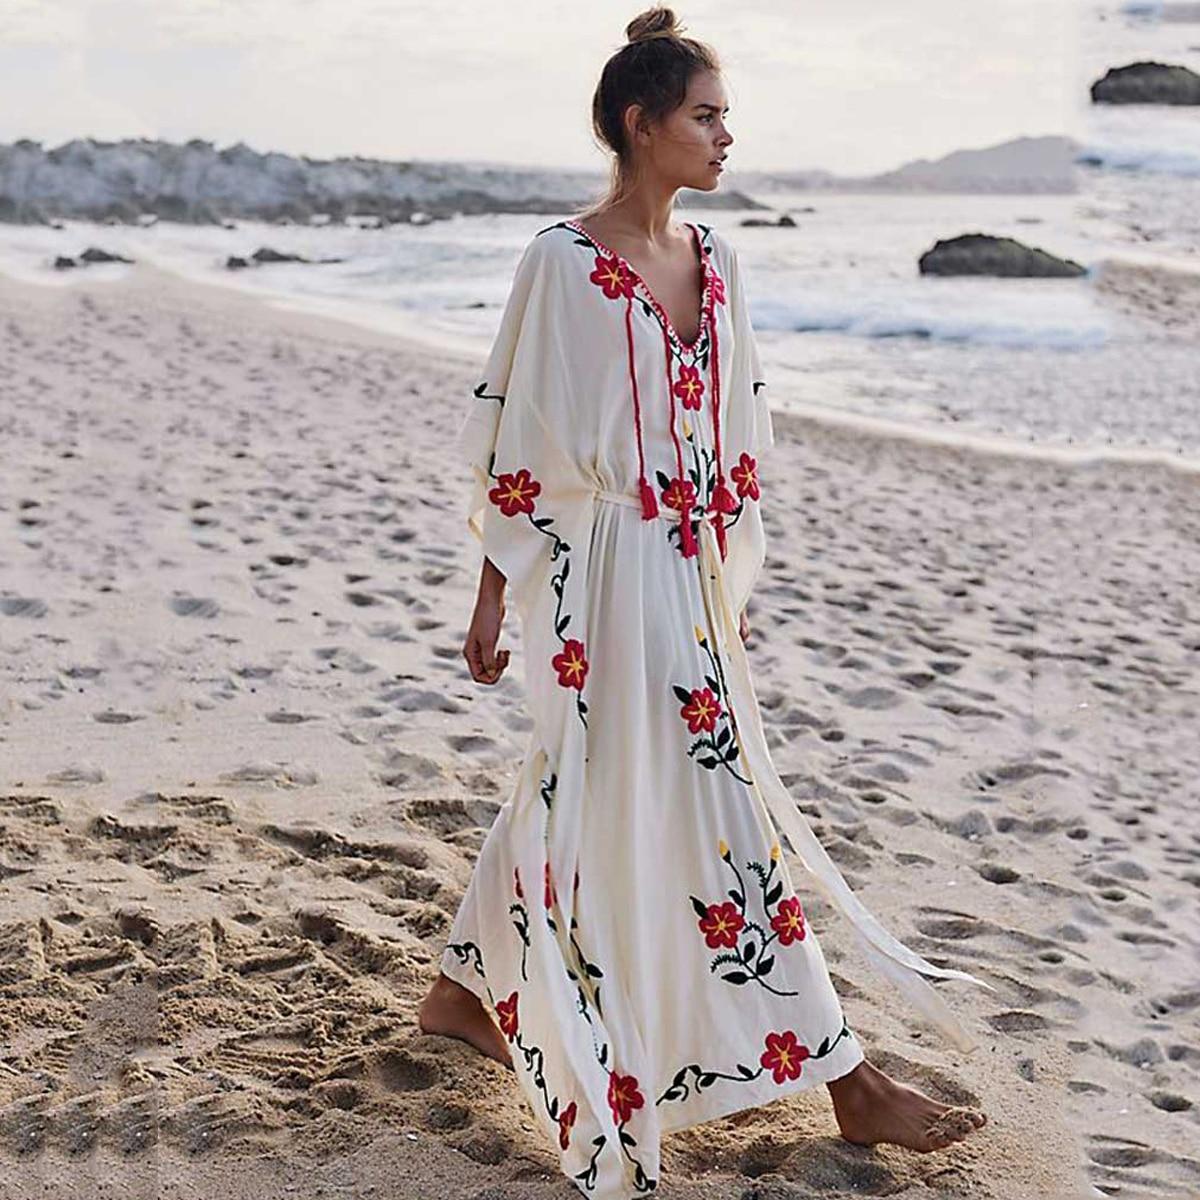 Jastie Boho Floral Brodé Caftan Femmes Robe Col V avec Glands Robe D'été Surdimensionné Manches Chauve-Souris Maillot de Bain Plage Robe